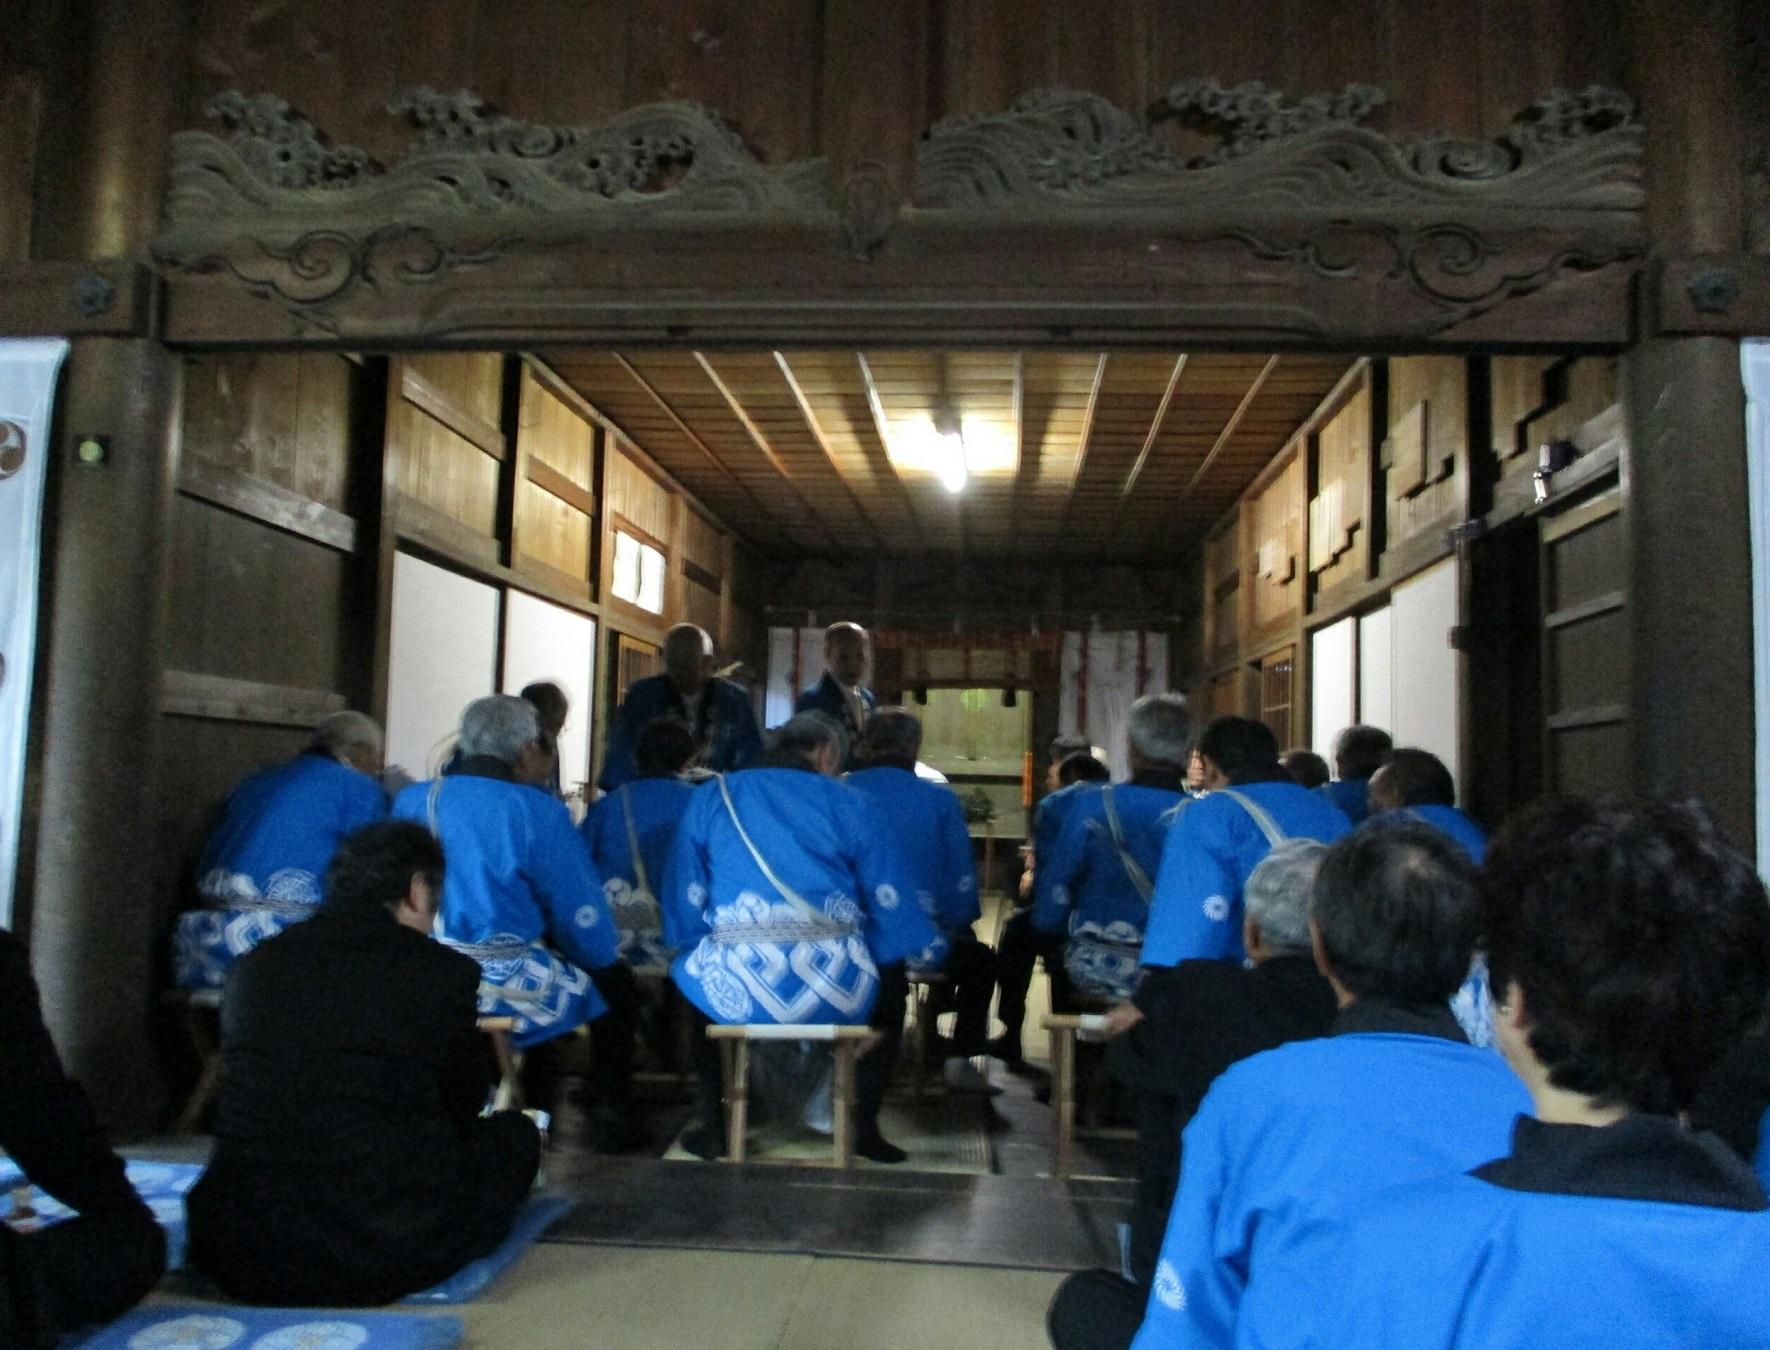 2018.7.8 古井神社かり遷座祭 (3) 渡殿からおくに本殿 1770-1350